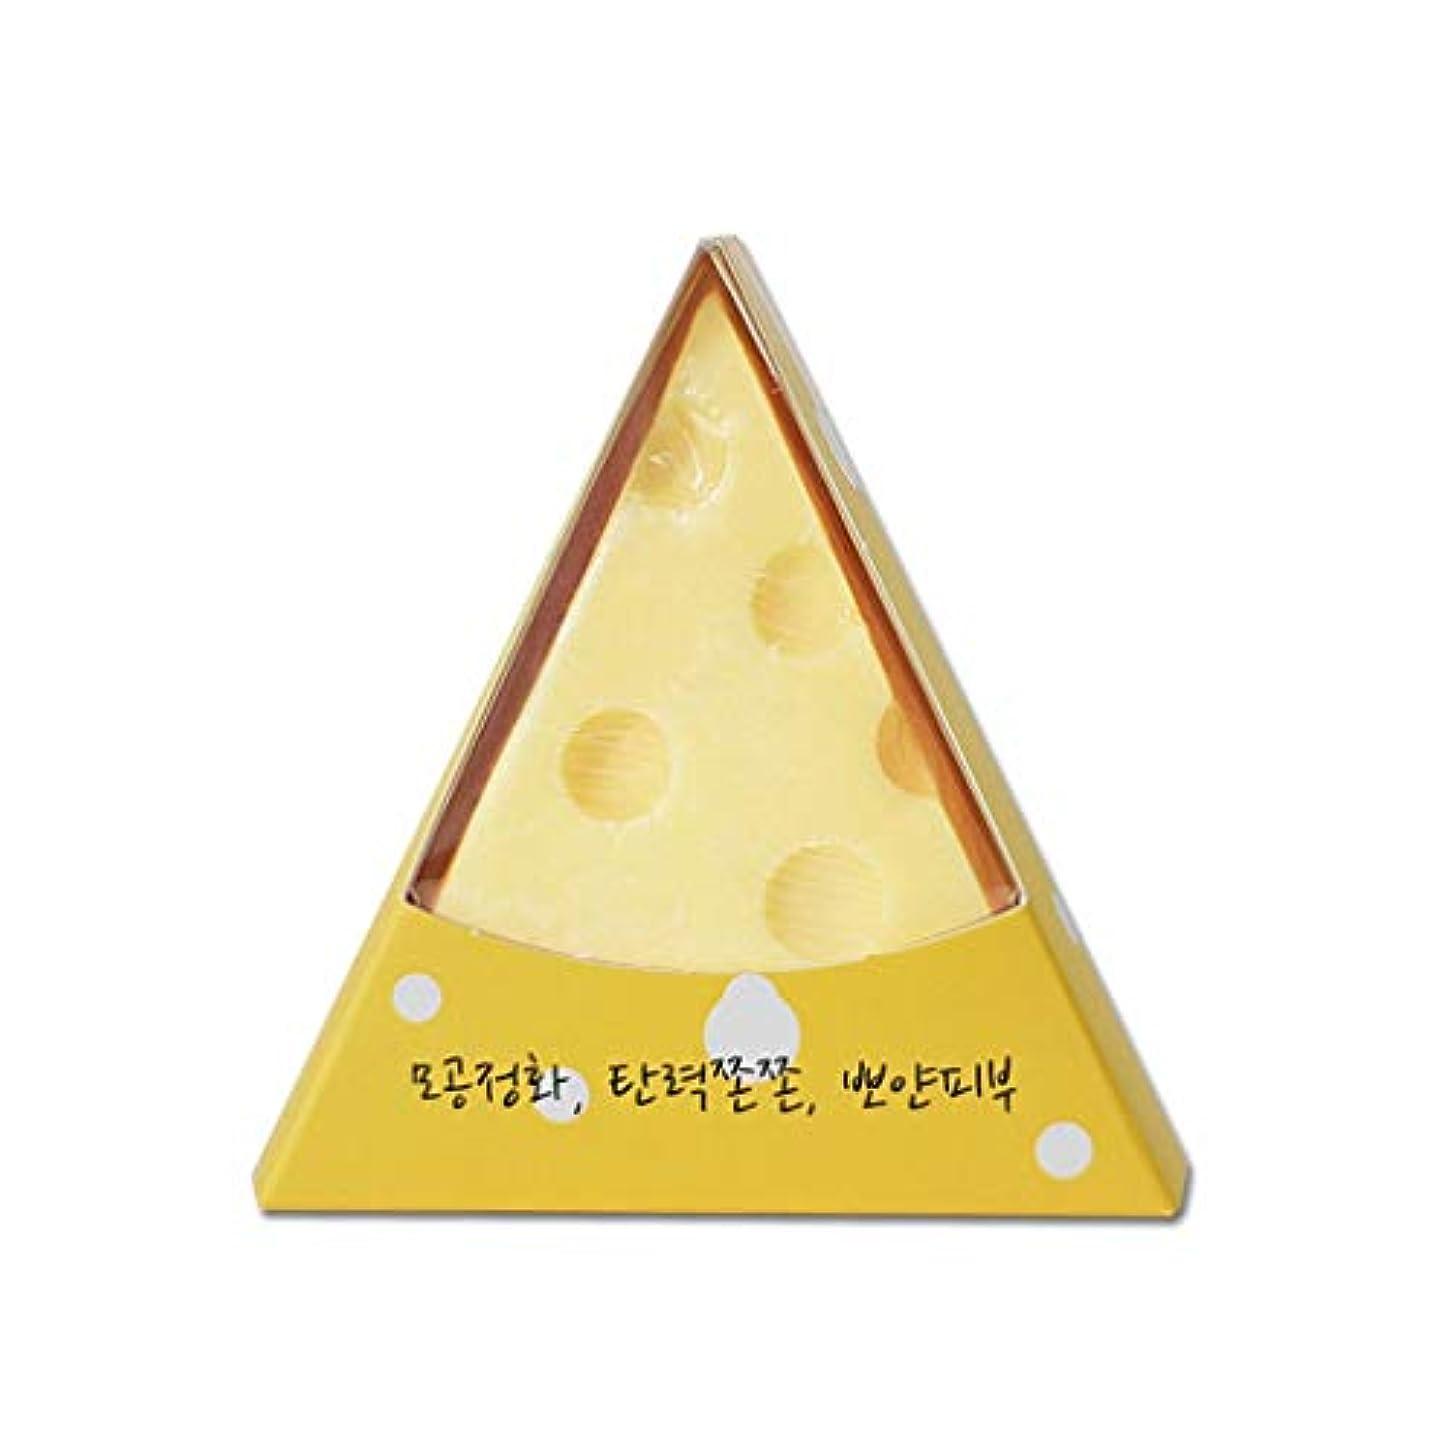 ピボット来て現代COSFORU 韓国チーズクレンジングの顔の石鹸。 100g